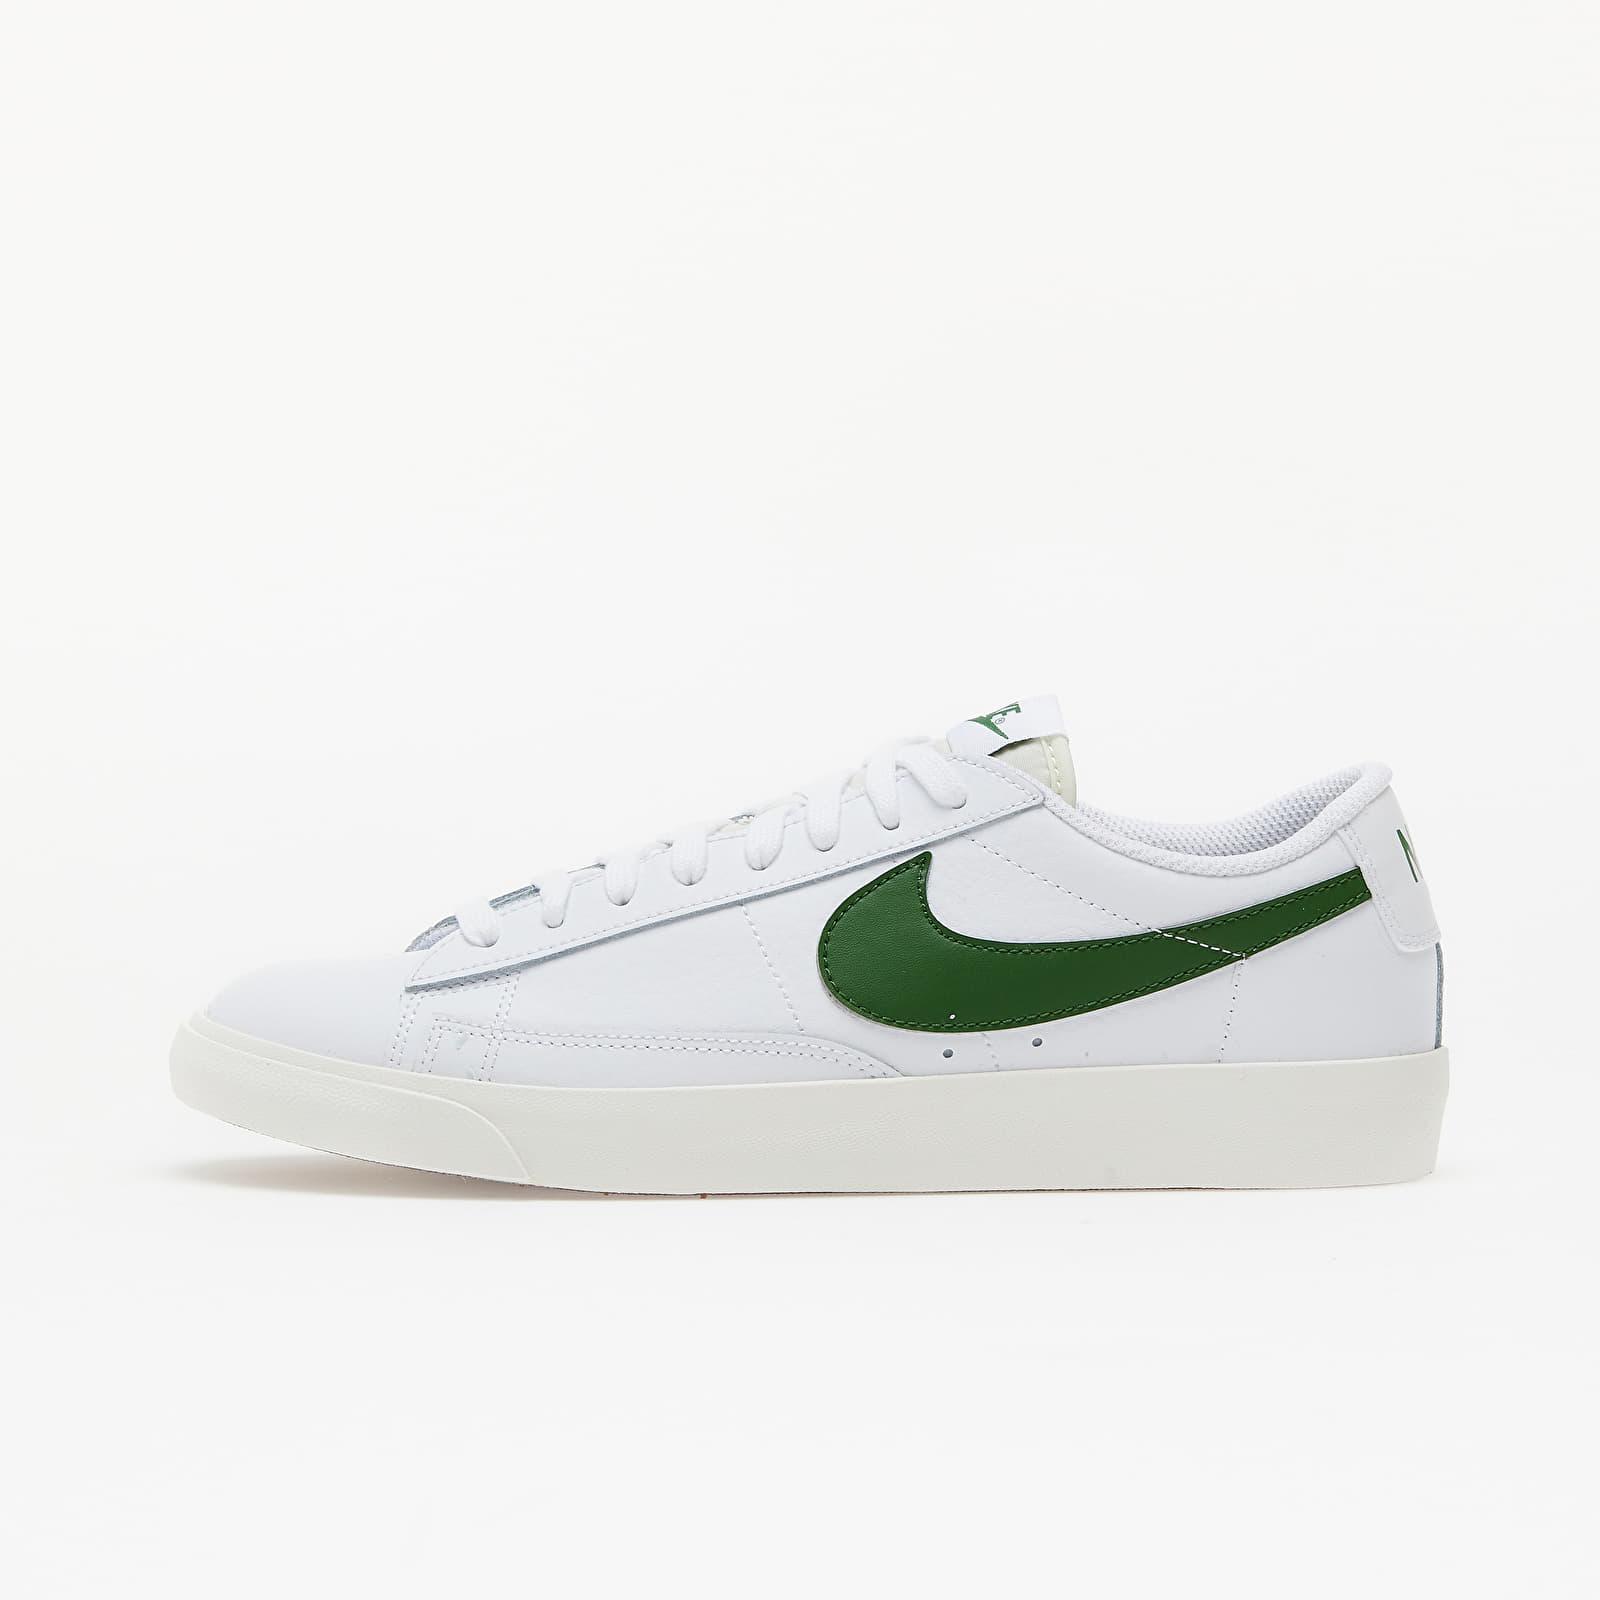 Herren Sneaker und Schuhe Nike Blazer Low Leather White/ Forest Green-Sail